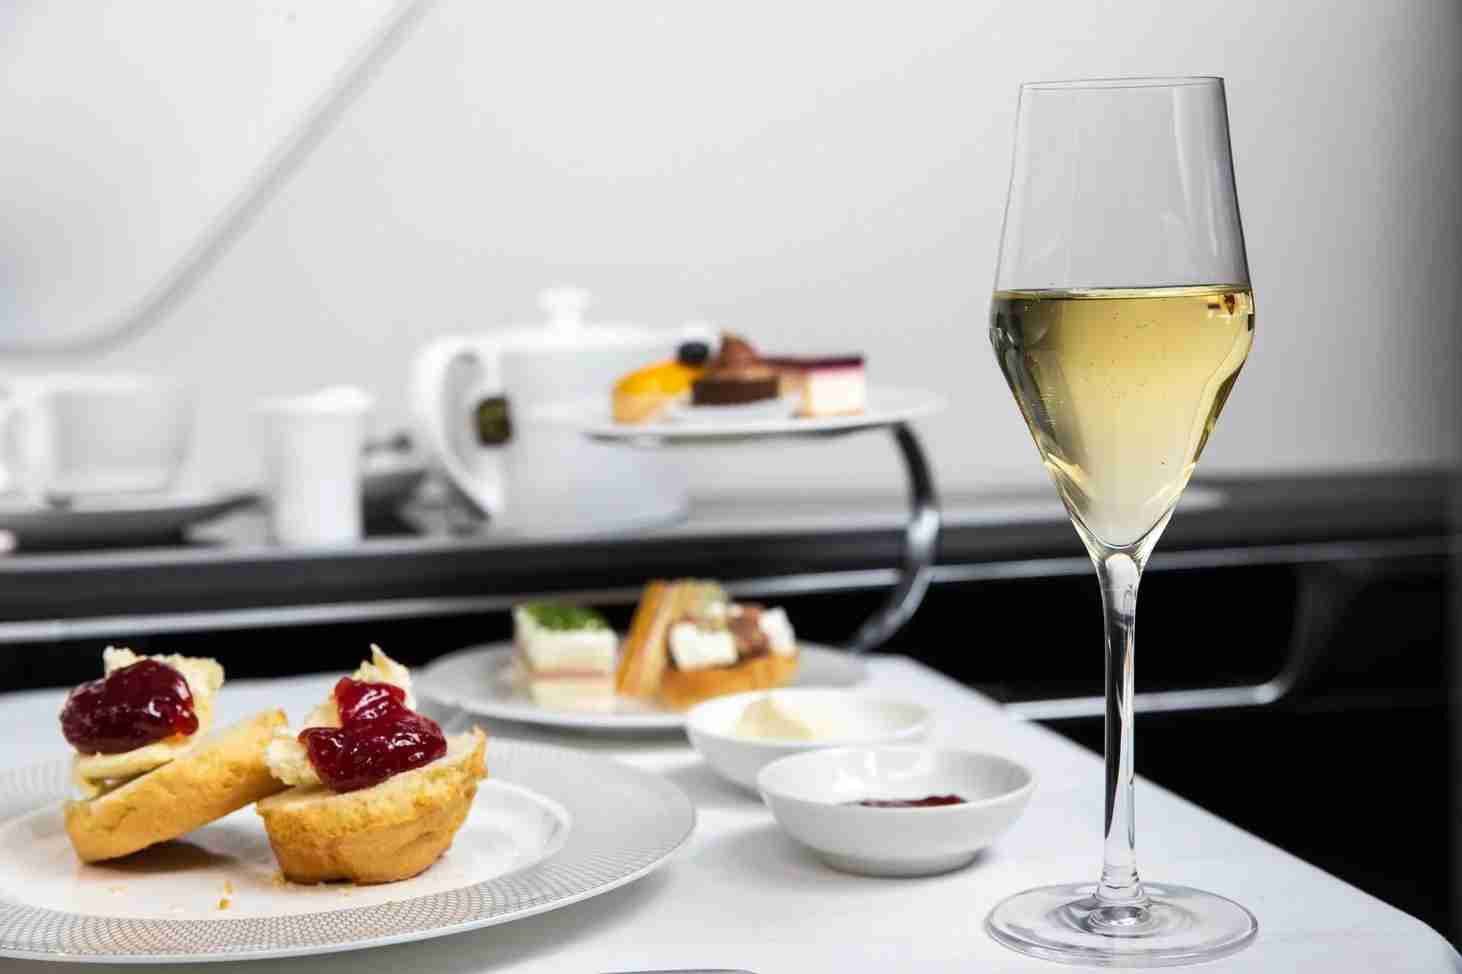 British Airways First Class Image courtesy of British Airways